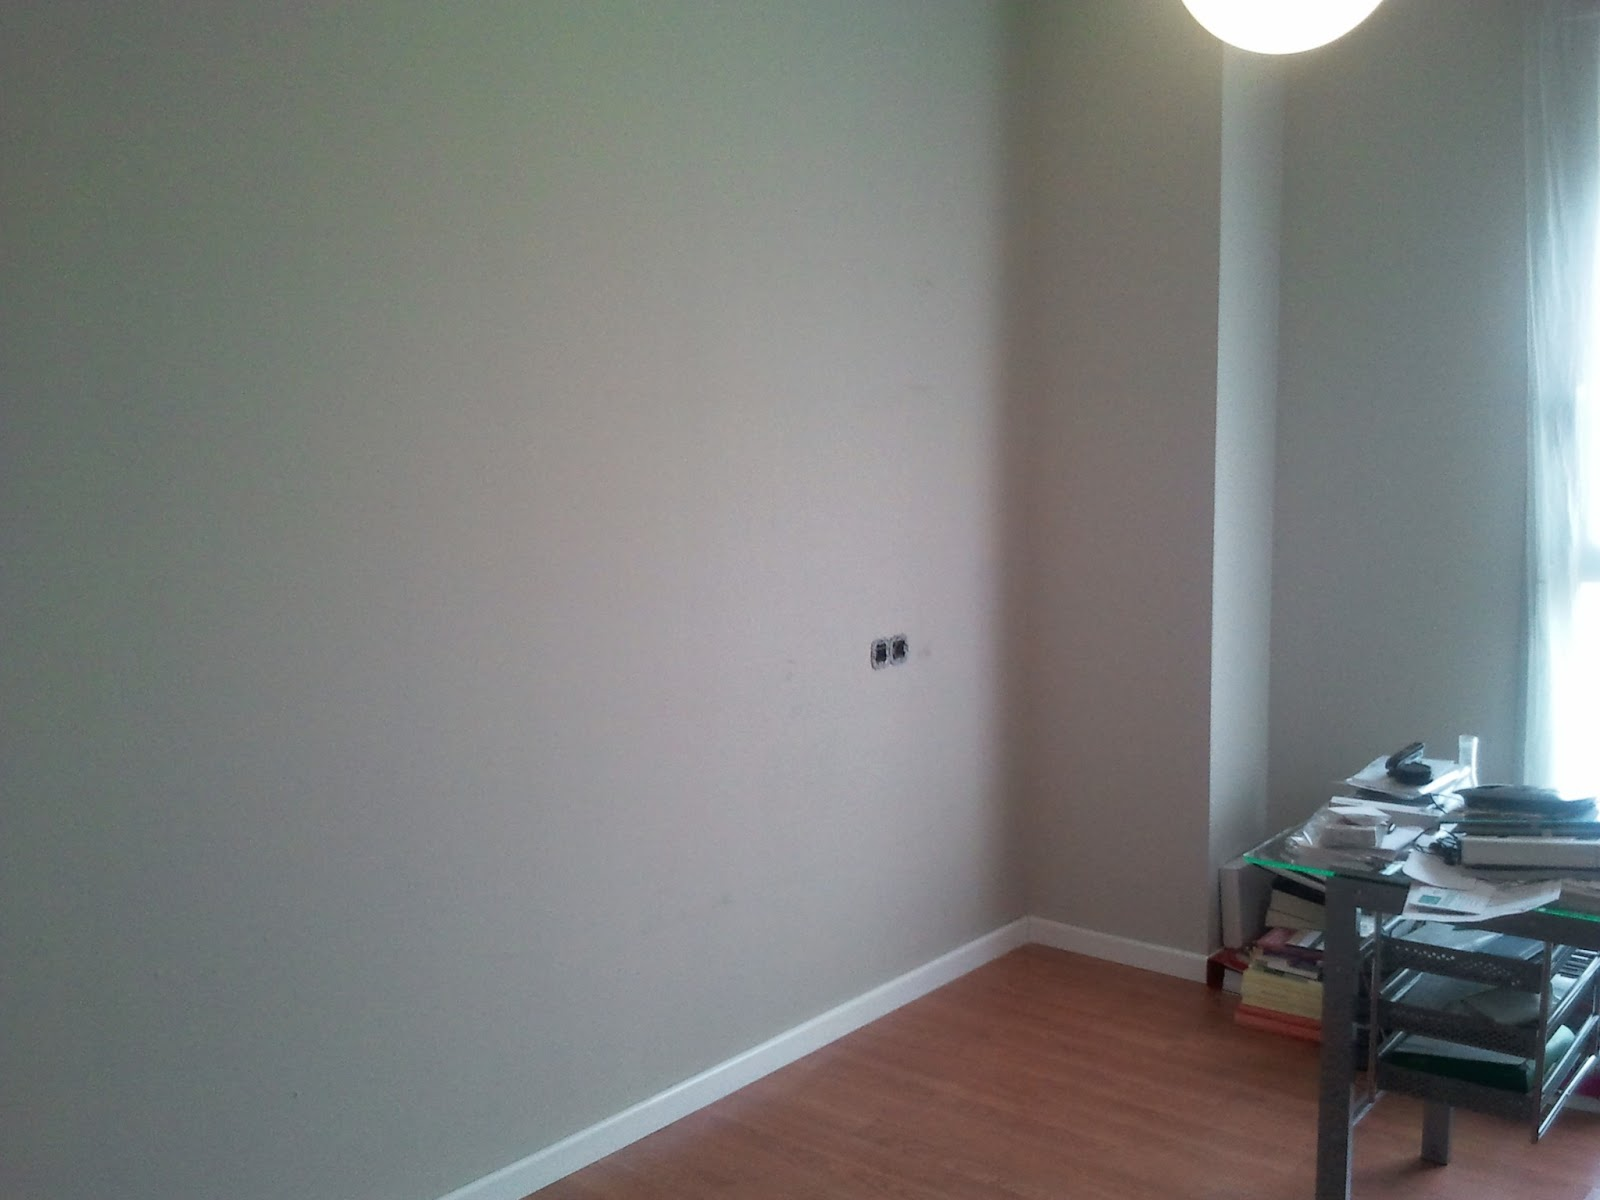 Diy las paredes con molduras x4duros de yahoo - Molduras para paredes ...